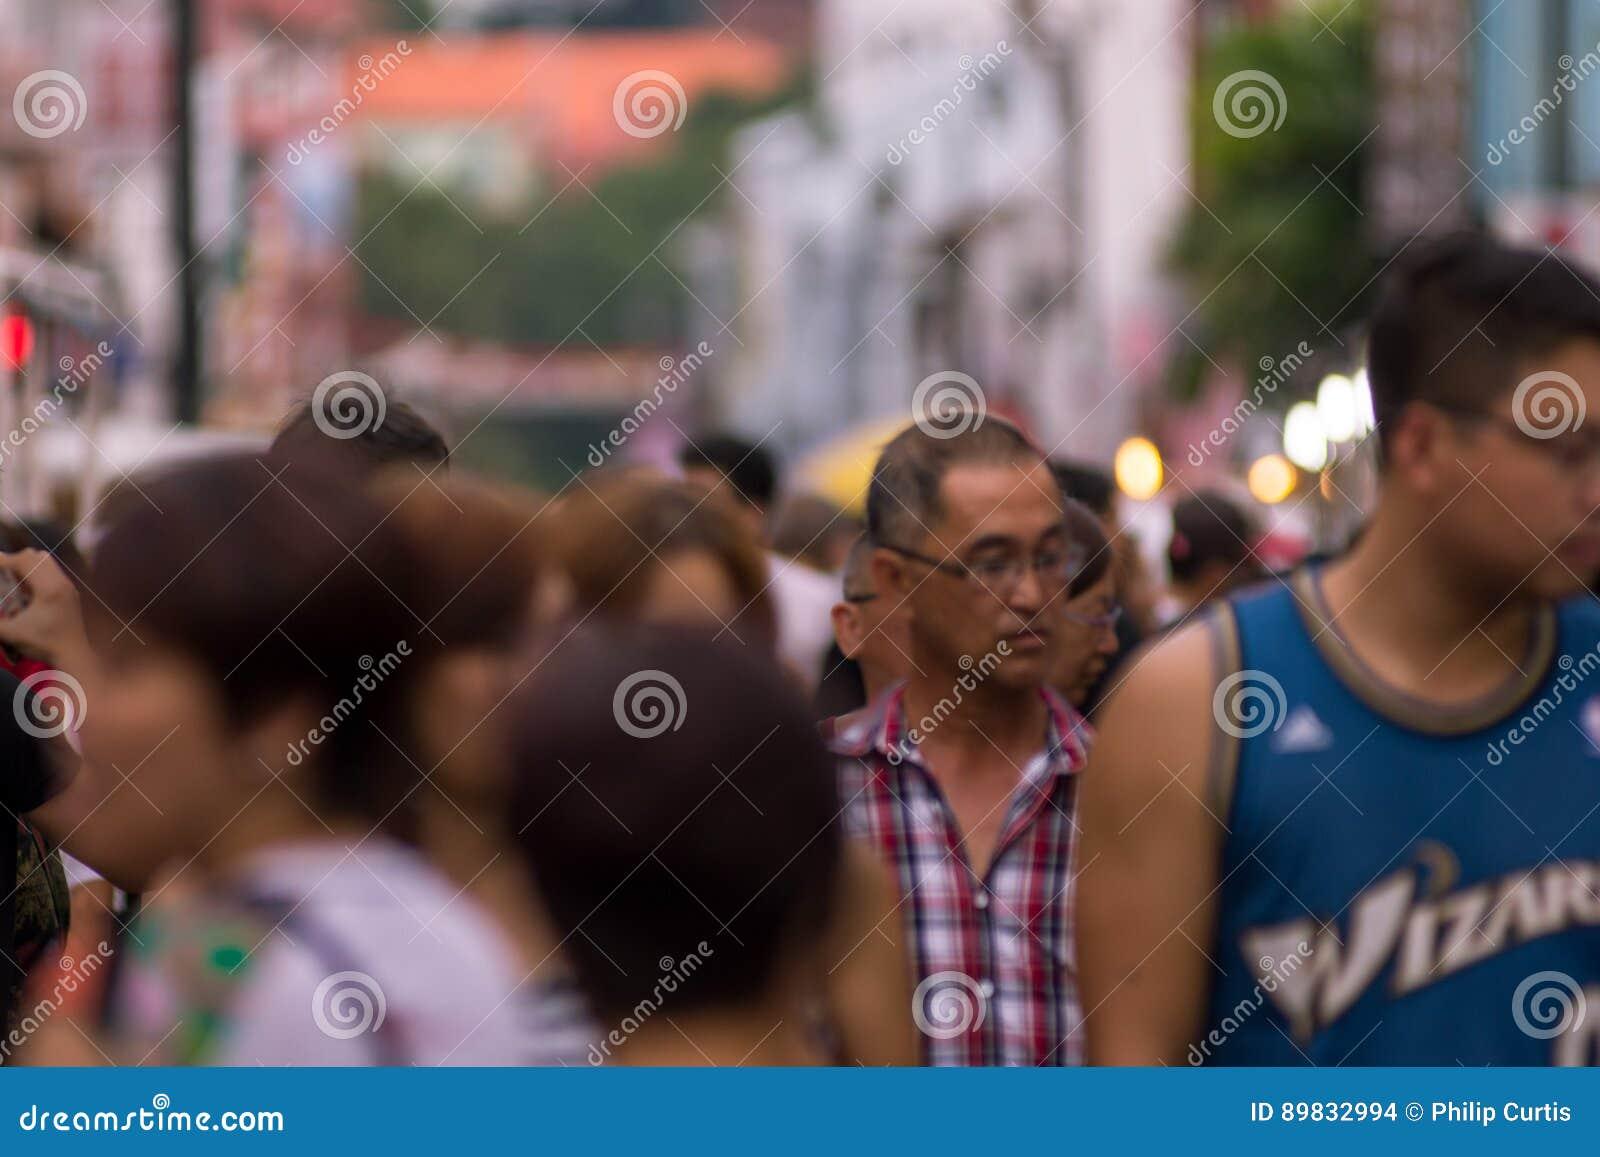 Неясное изображение толпы людей на уличном рынке Малакка,